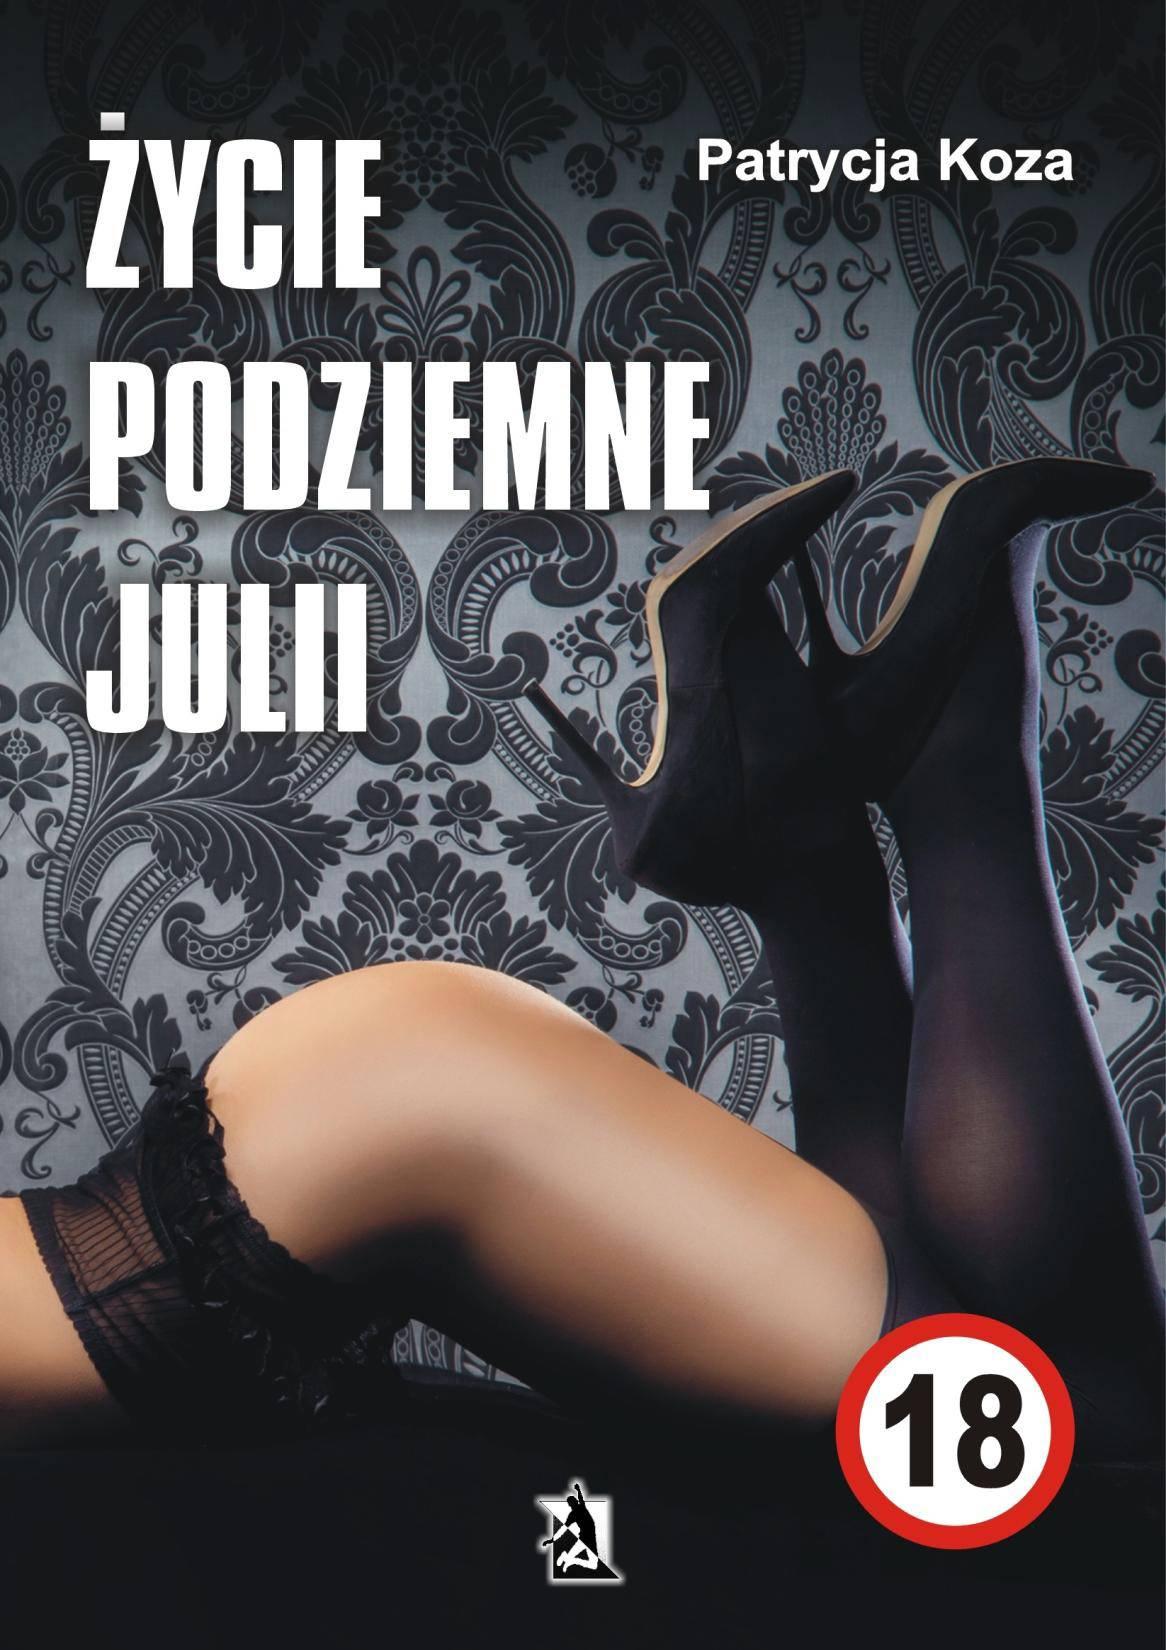 Życie podziemne Julii - Ebook (Książka na Kindle) do pobrania w formacie MOBI